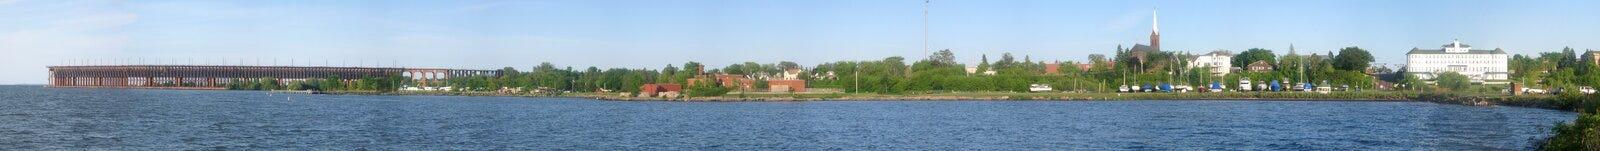 Panorama de Ashland imagem de stock